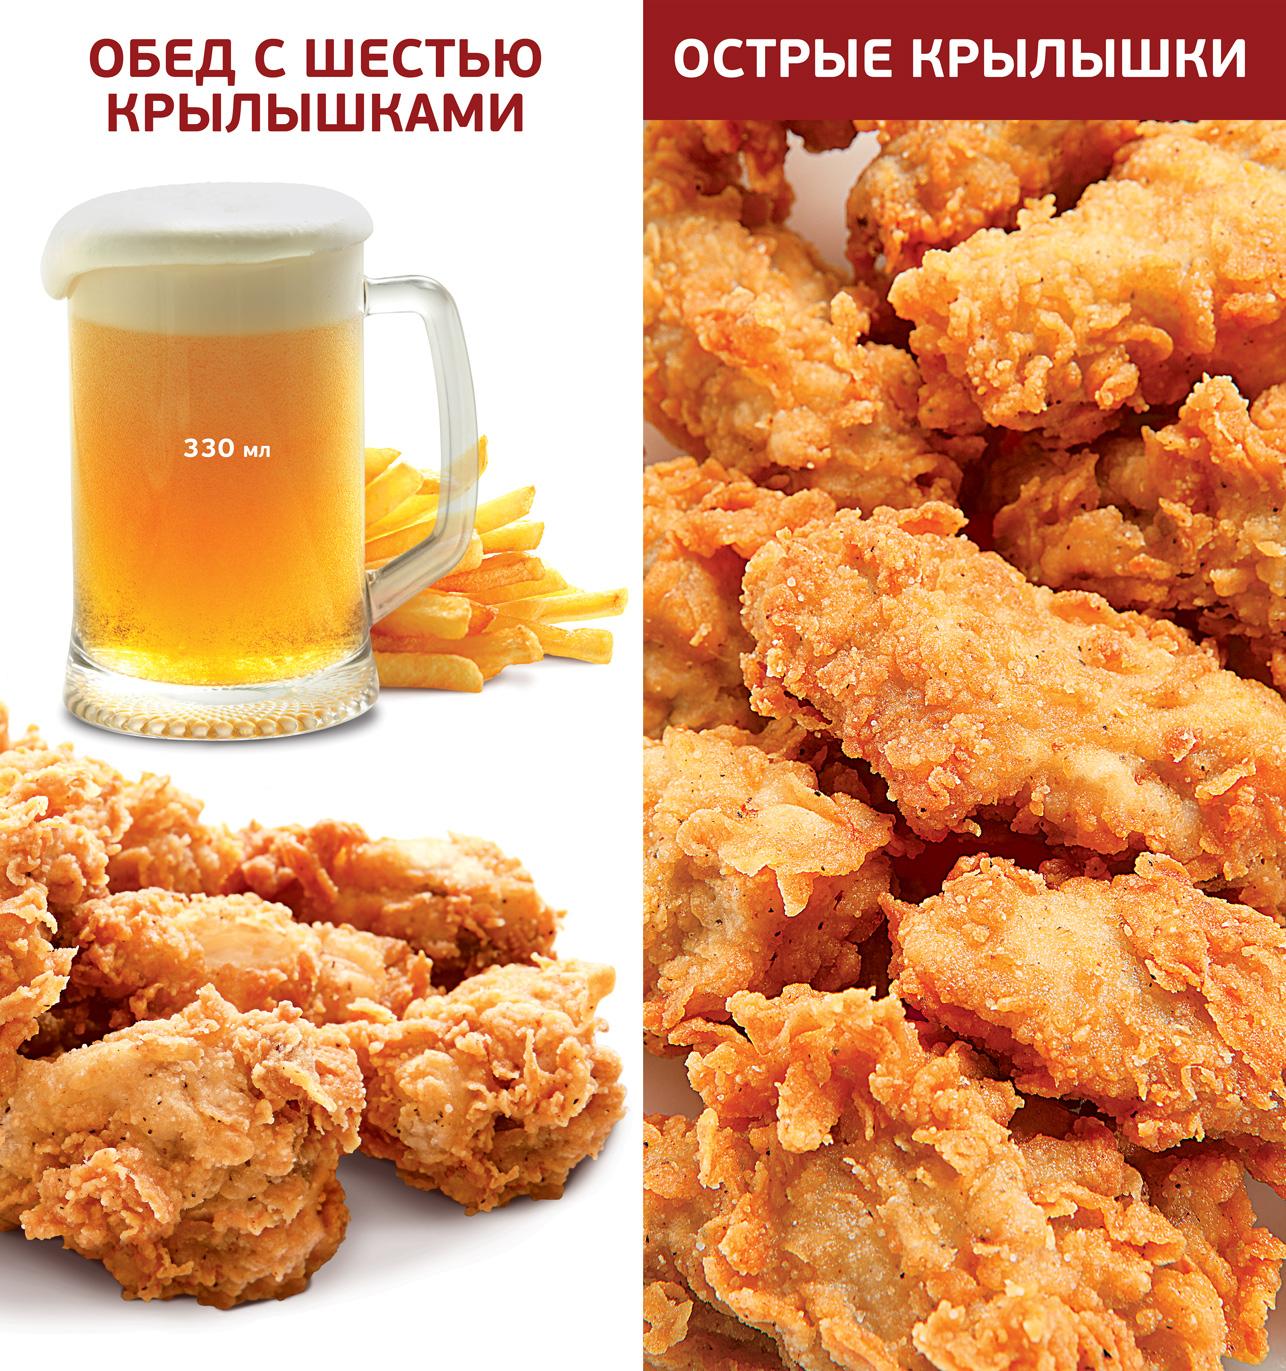 крылья и обед